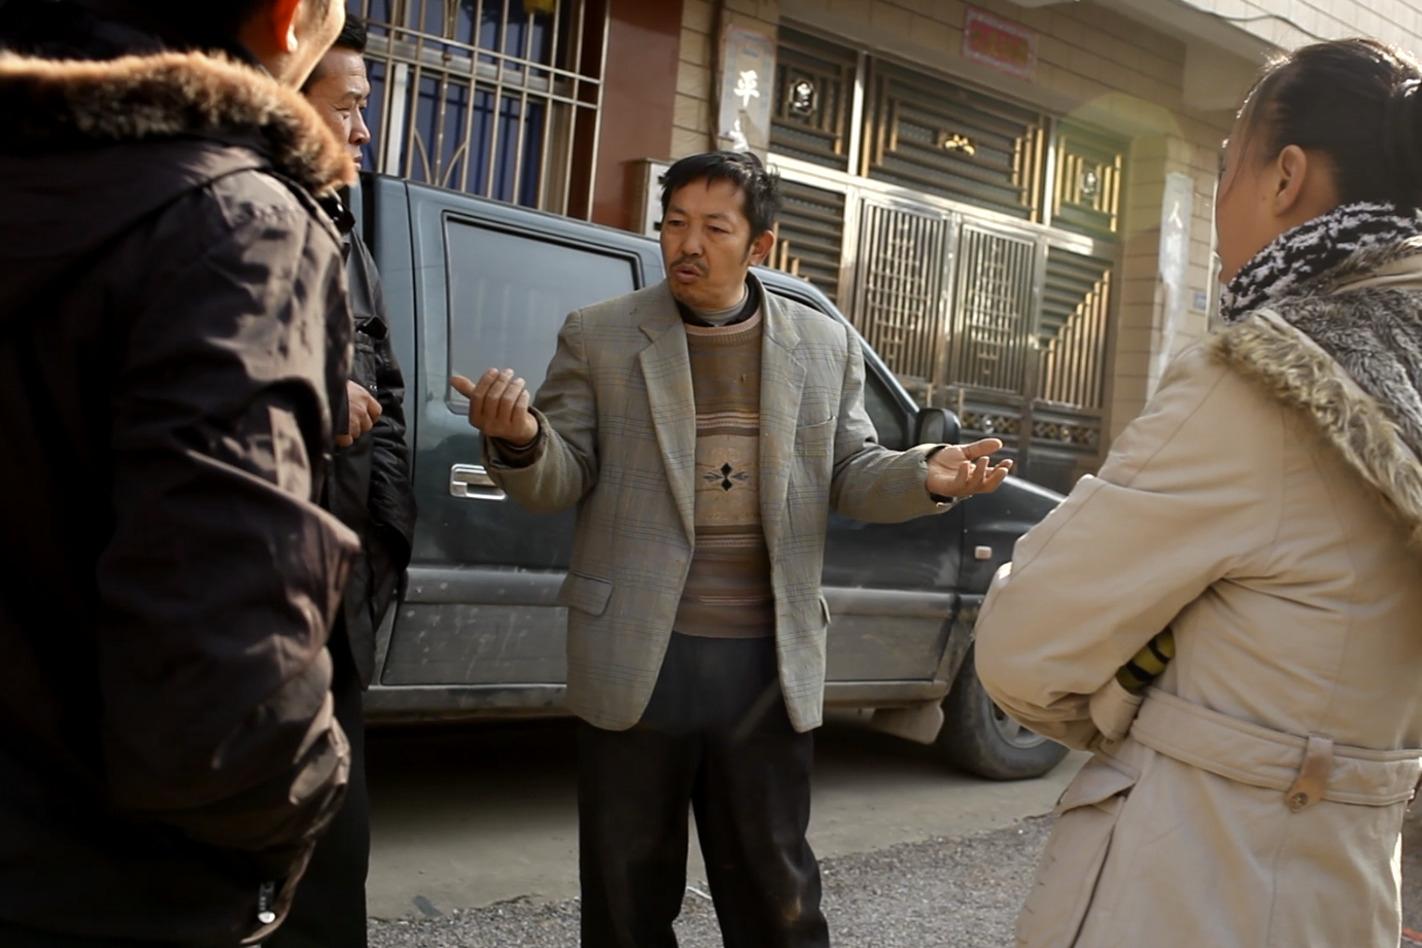 邓结超弟弟私自卖掉了三个亲生侄女,还强硬威胁来访记者。